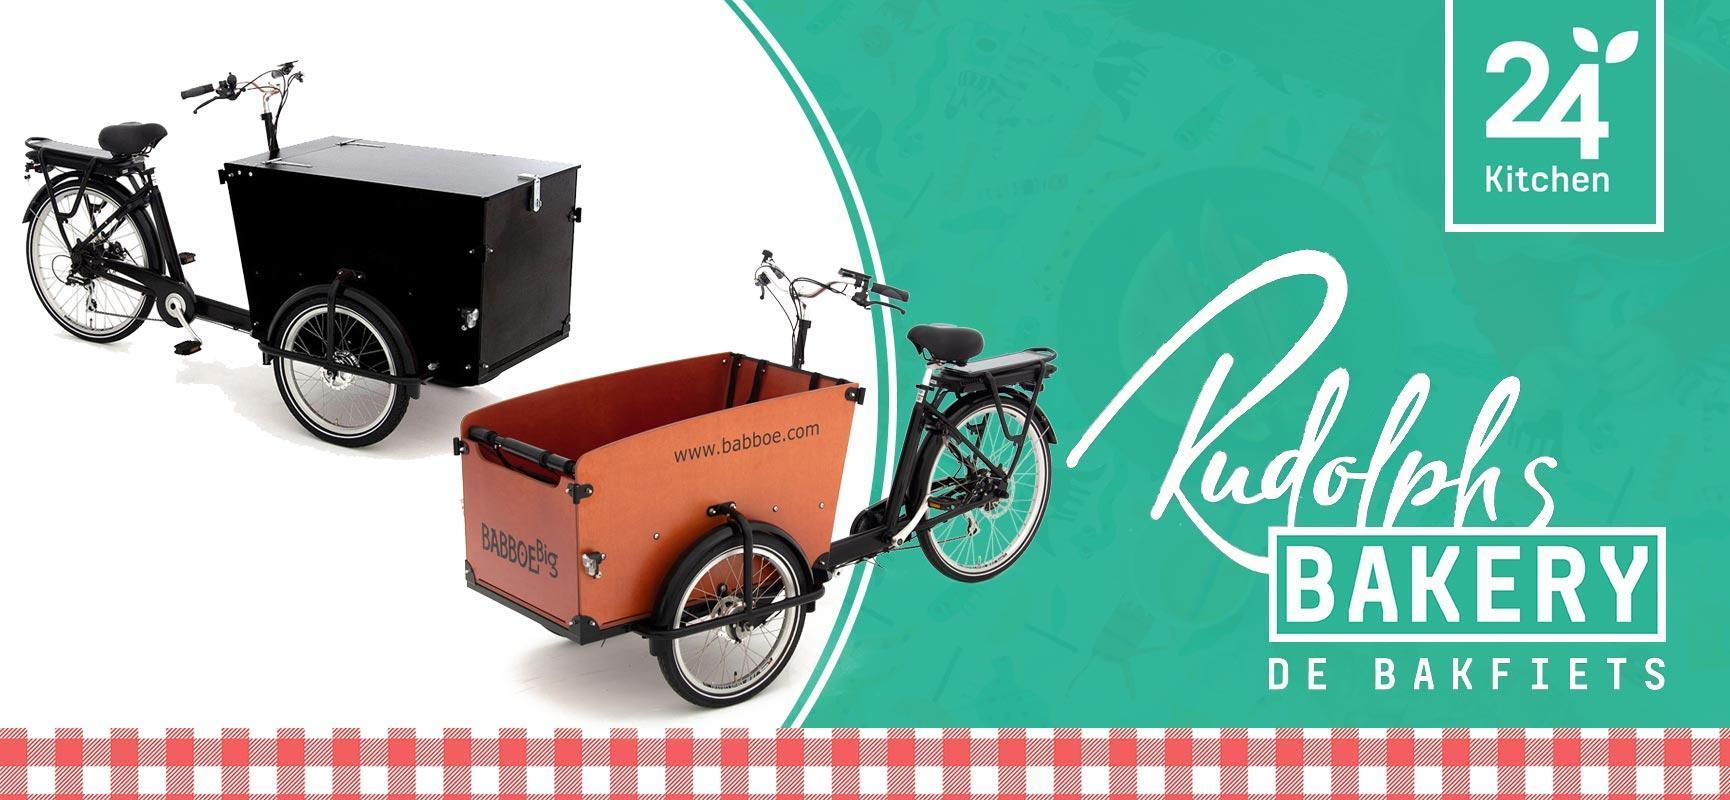 Win een bakfiets in samenwerking met 24Kitchen Rudolph's Bakery